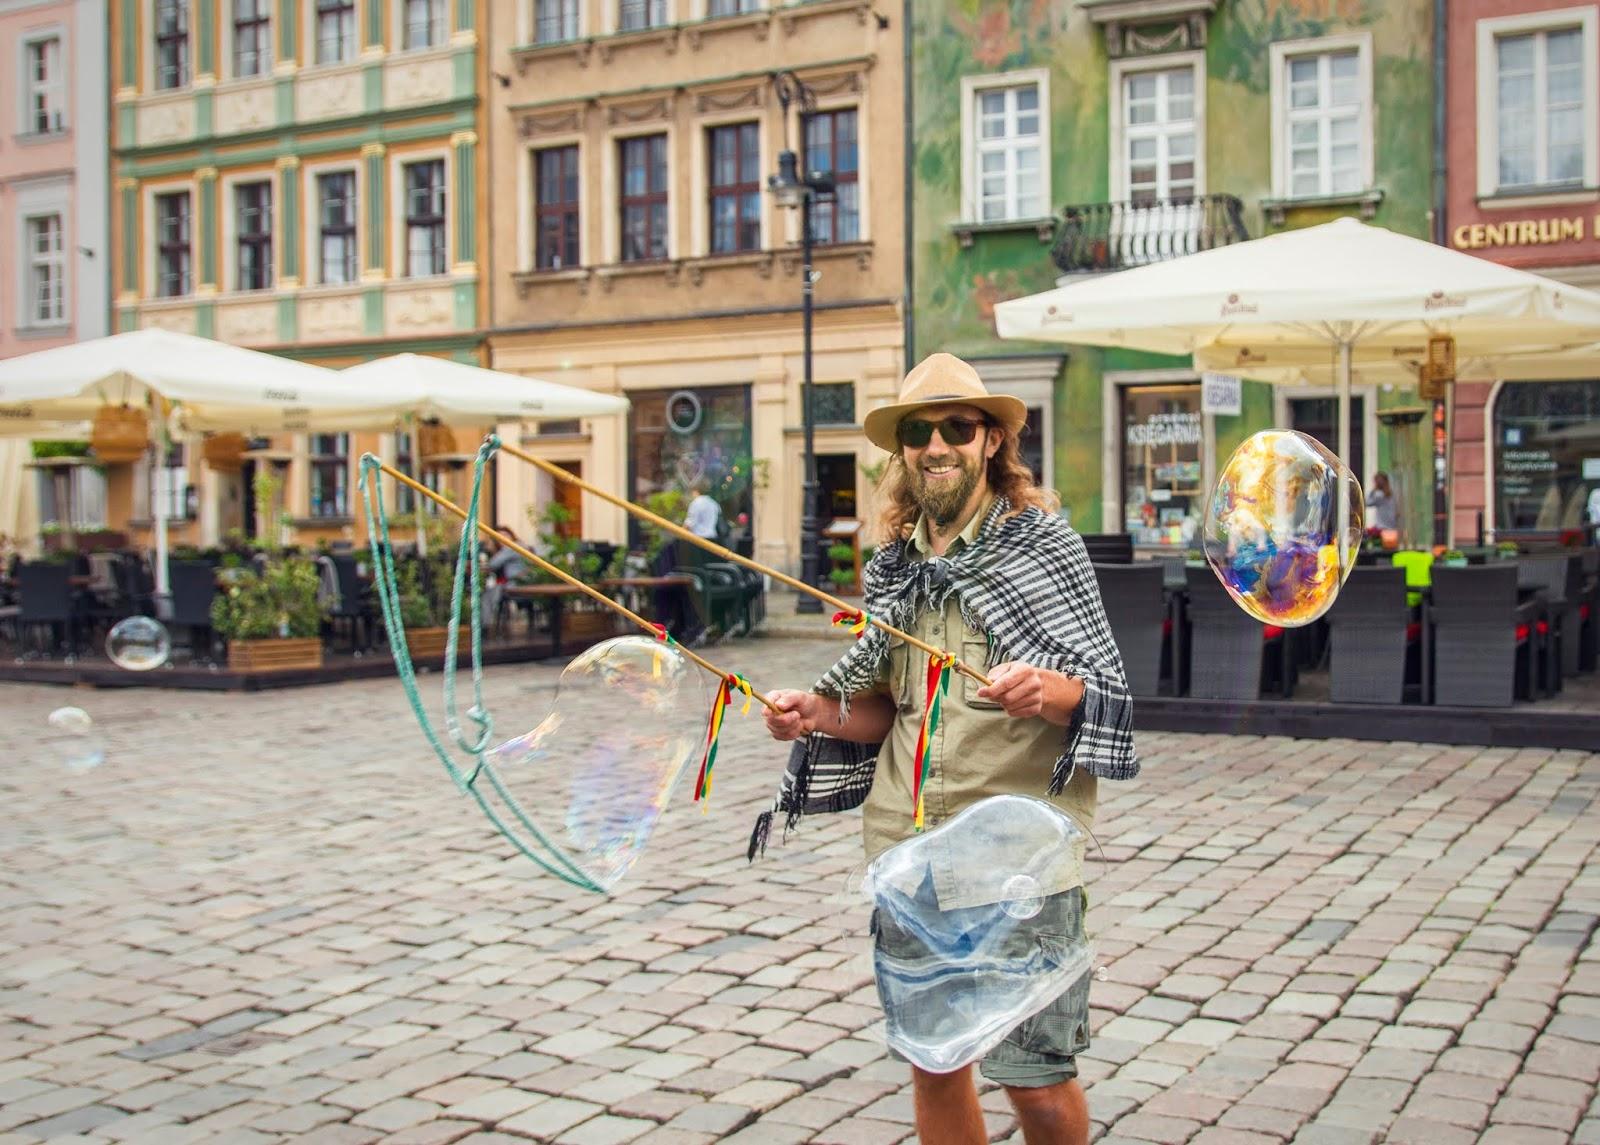 Na zdjęciu widać uśmiechniętego mężczyznę w kapeluszu, który puszcza bańki mydlane. w tle zabytkowe kamieniczki otaczające Stary Rynek w Poznaniu z restauracyjnymi ogródkami